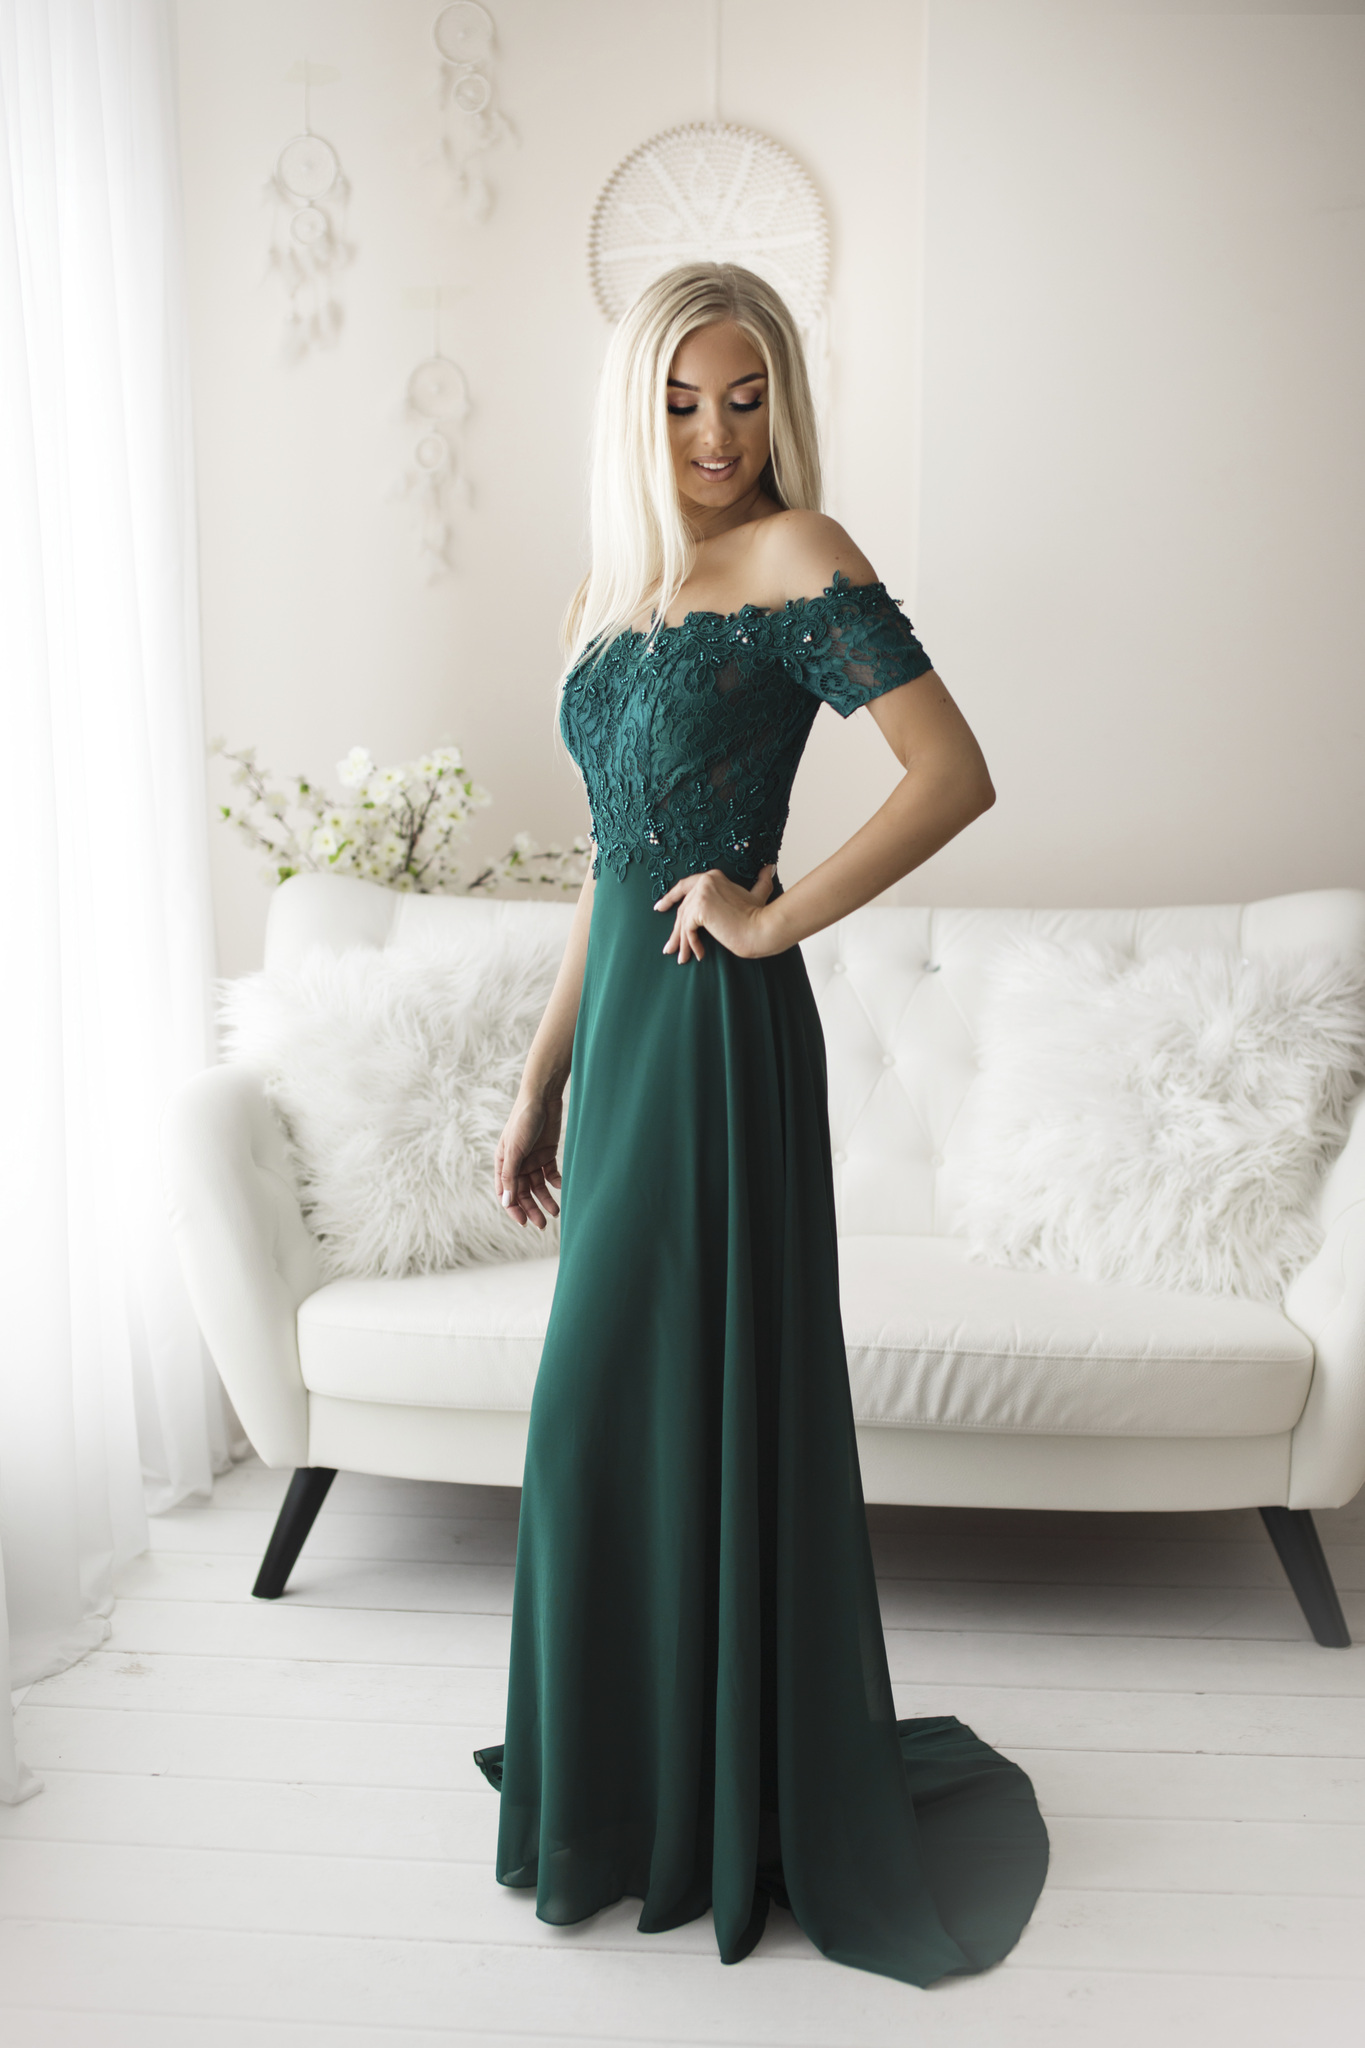 SENAT DELICATE roheline kleit